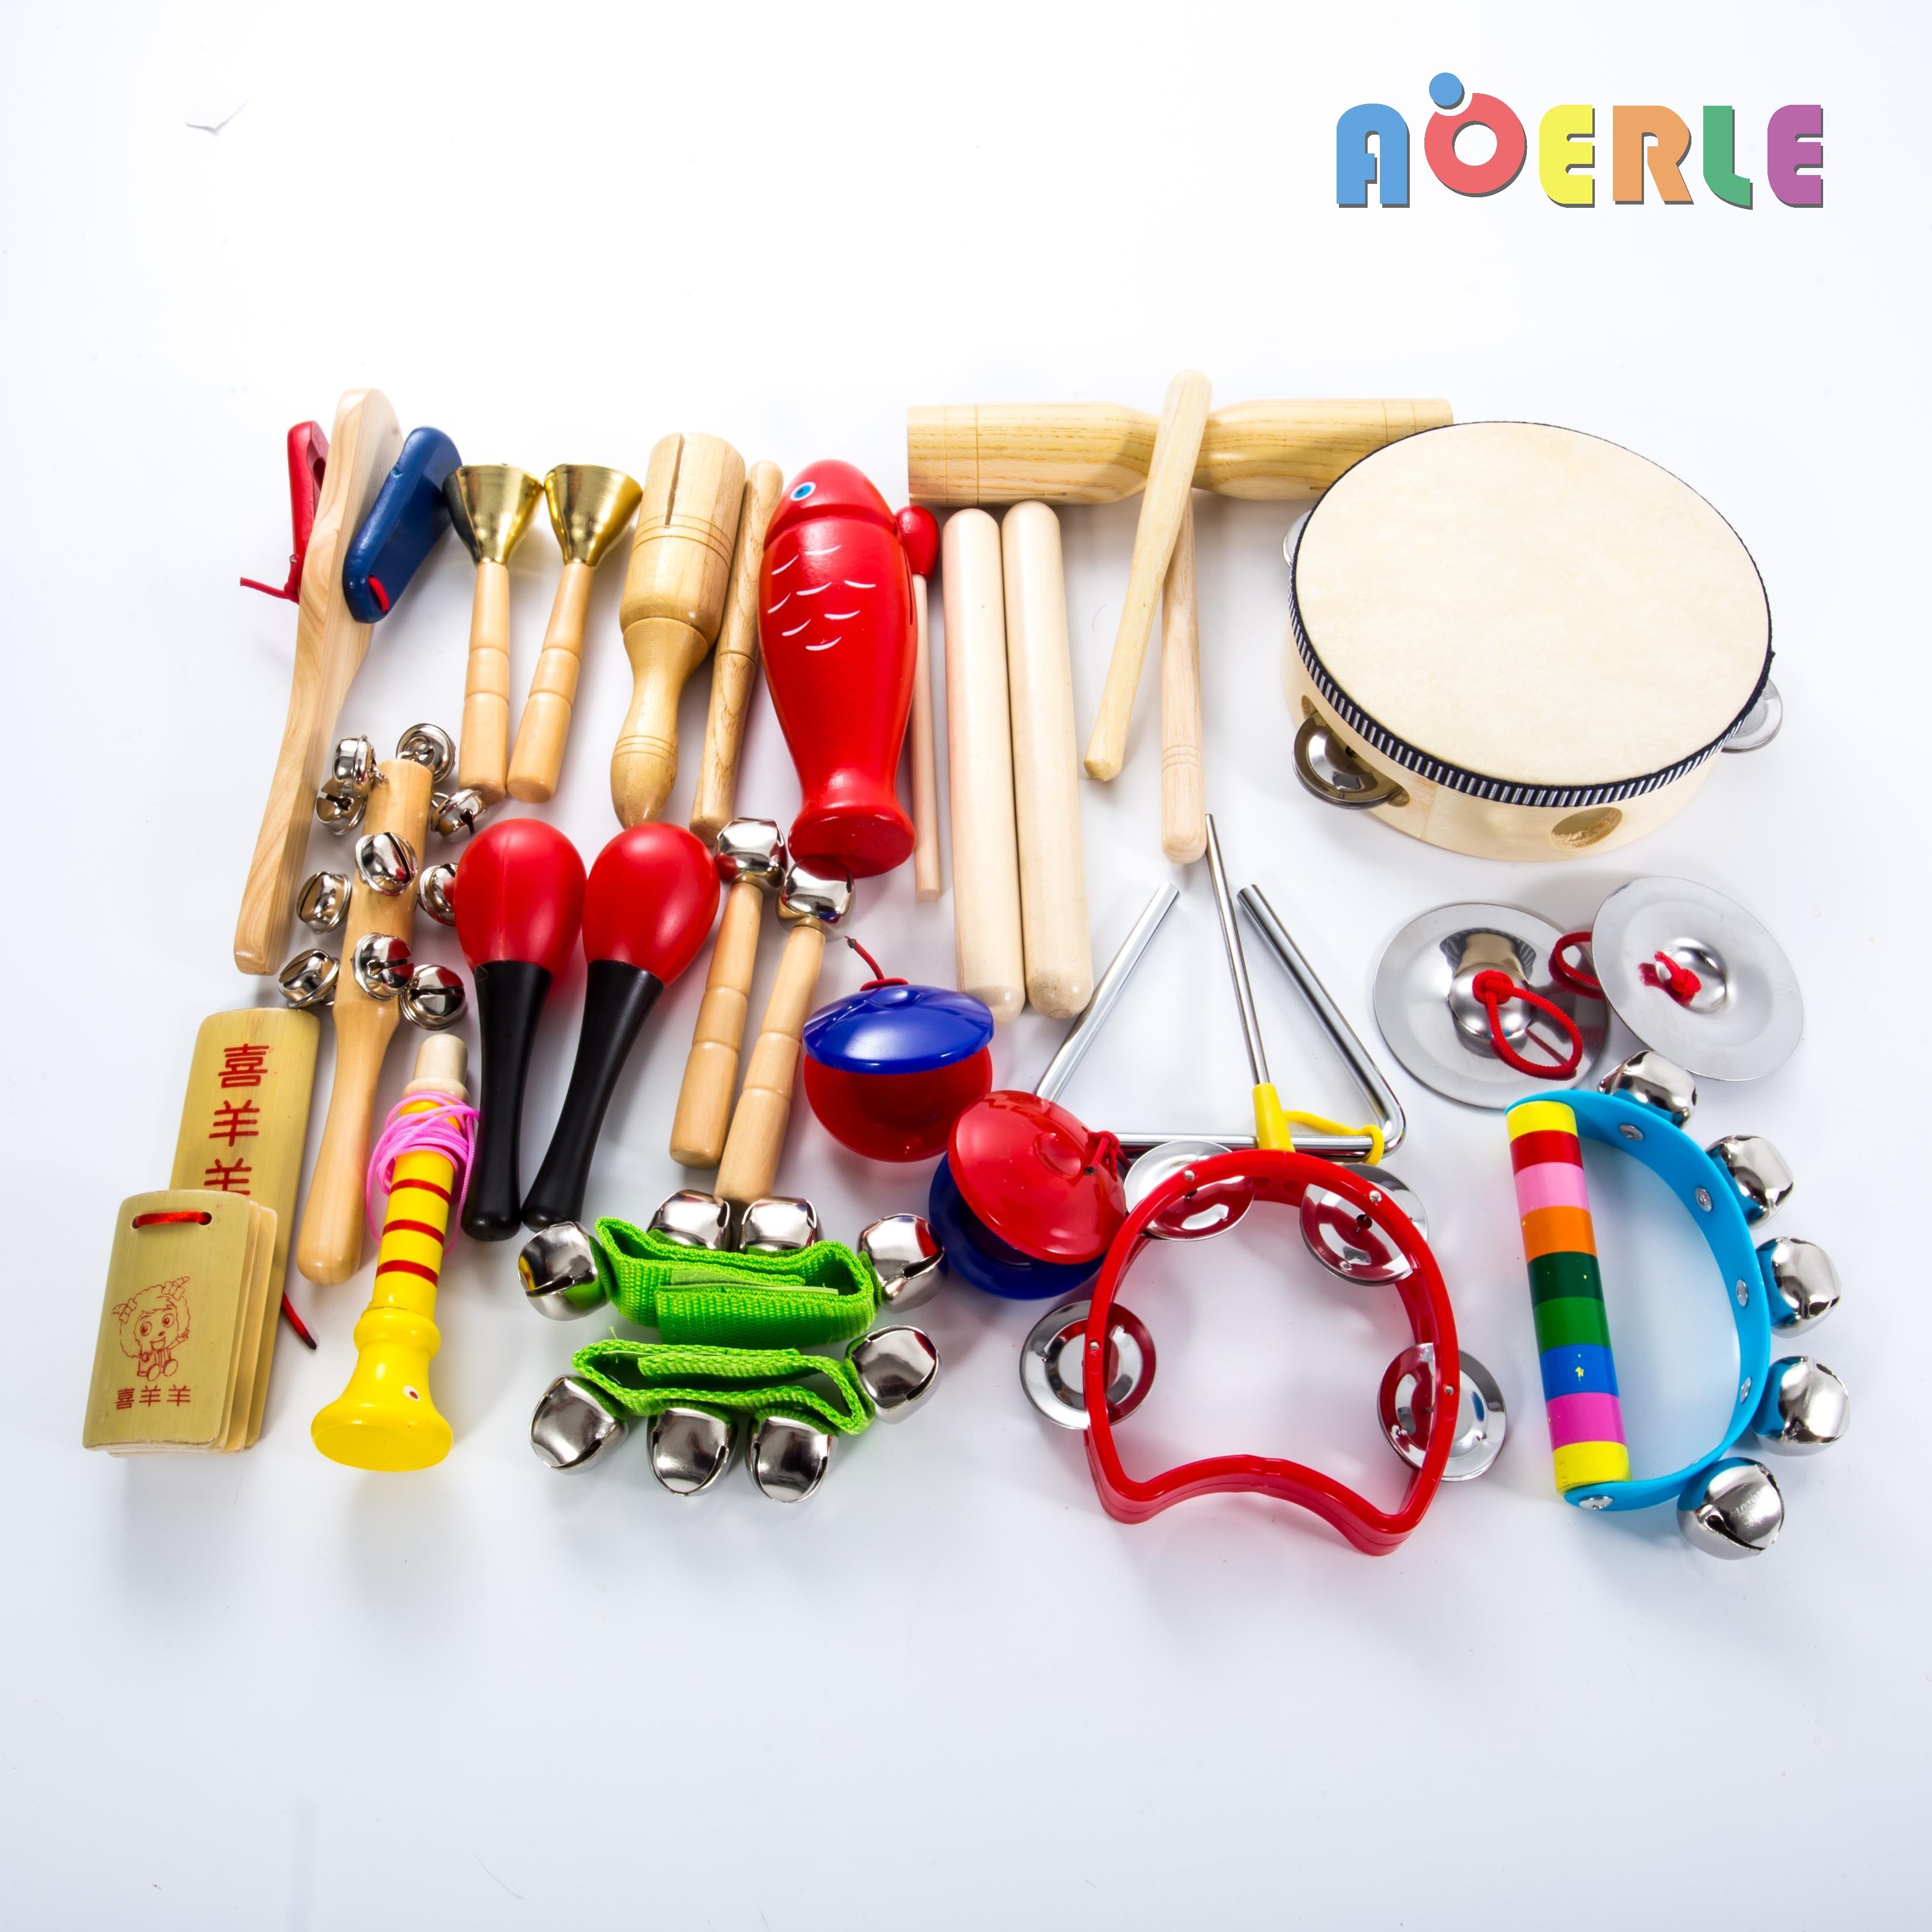 儿童乐器套装11件幼儿园打击乐器组合小学音乐课教具听觉训练玩具